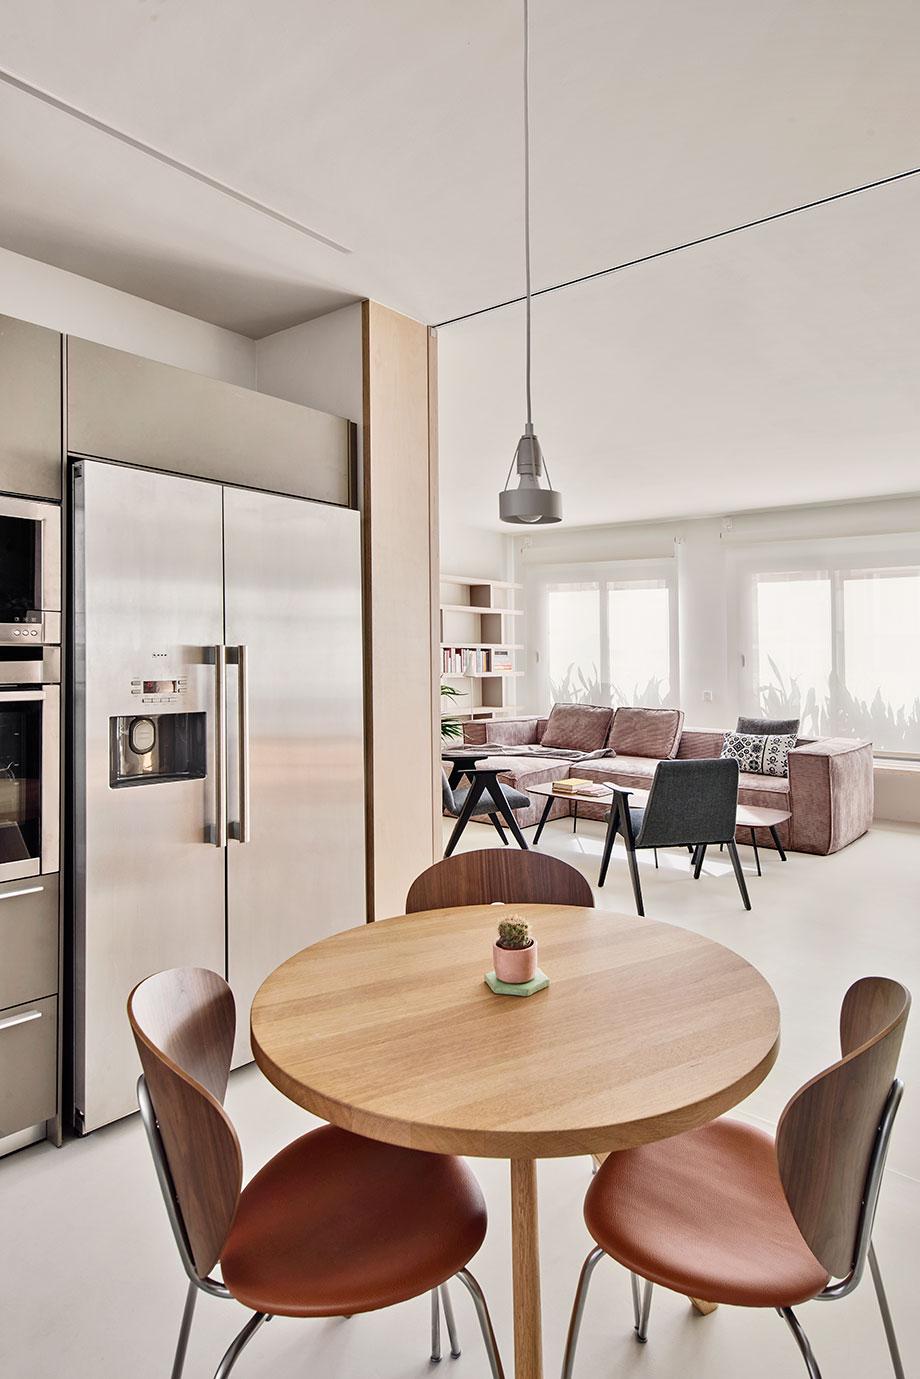 vivir la arquitectura - innovation showroom de pati nuñez y estudio vilablanch (5) - foto jose hevia